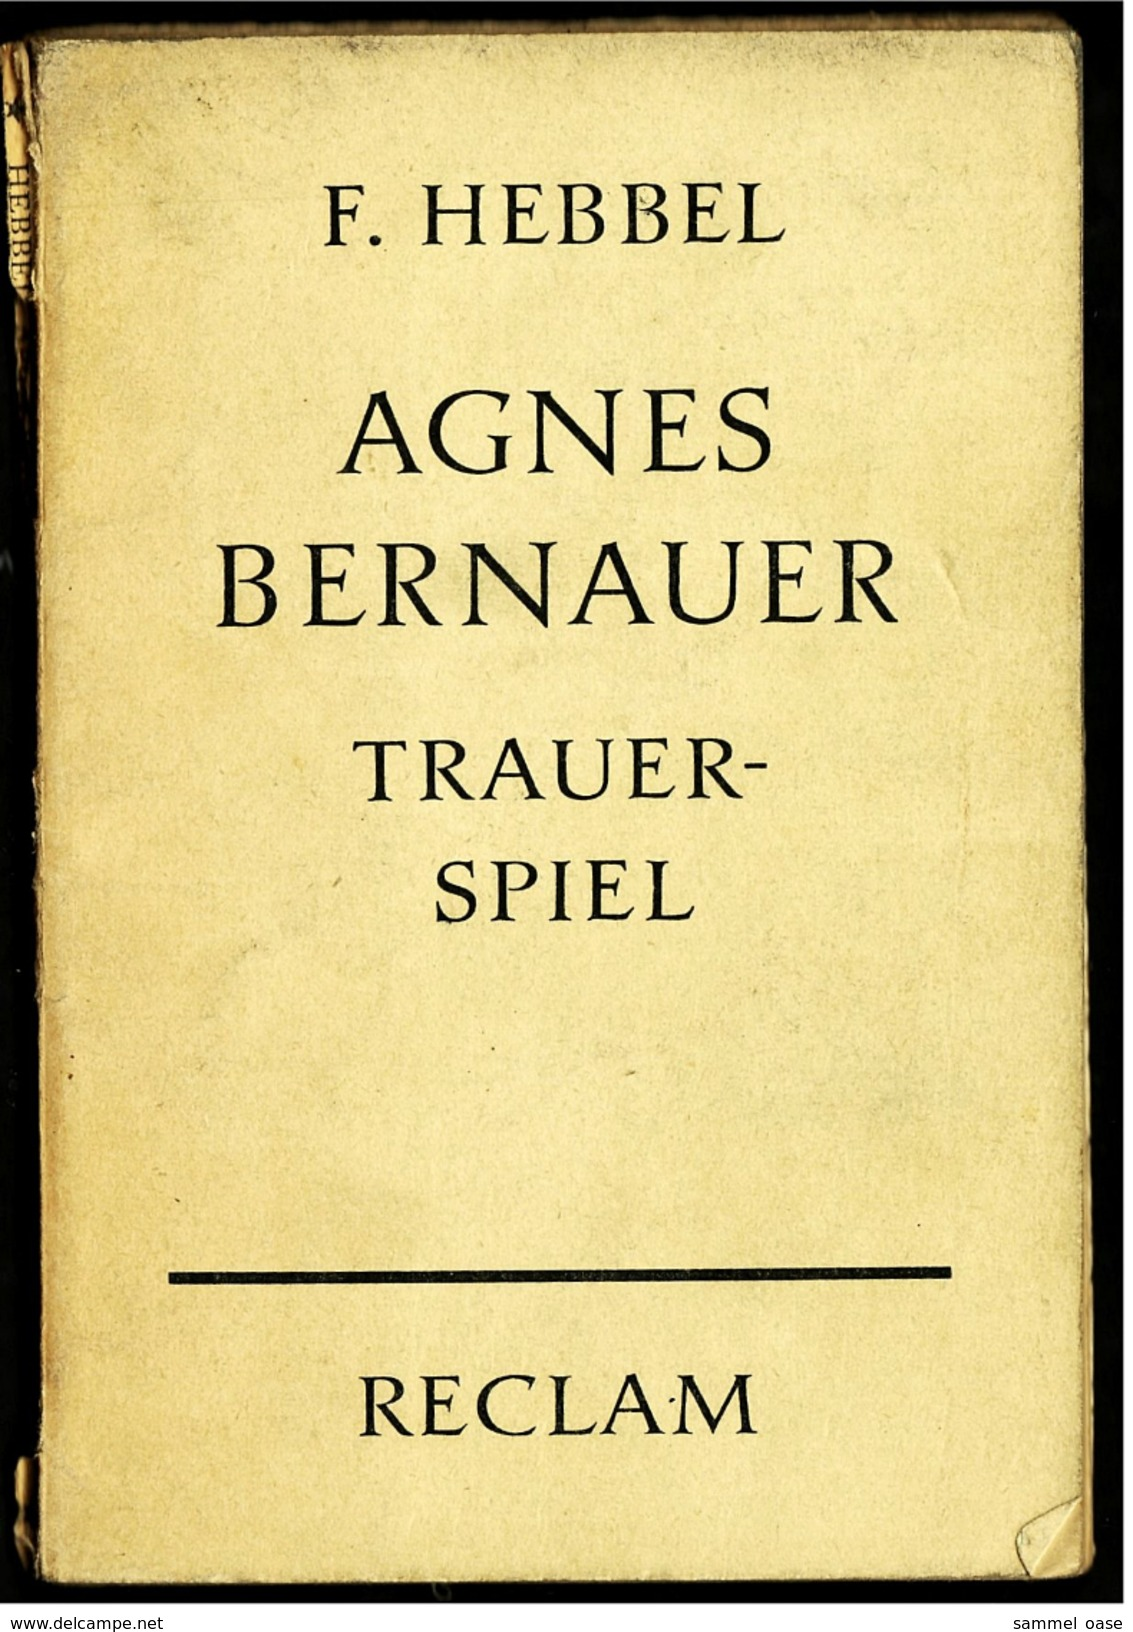 Reclam Heft  -  Trauerspiel  -  Von F. Hebbel  -  1960 - Theatre & Scripts